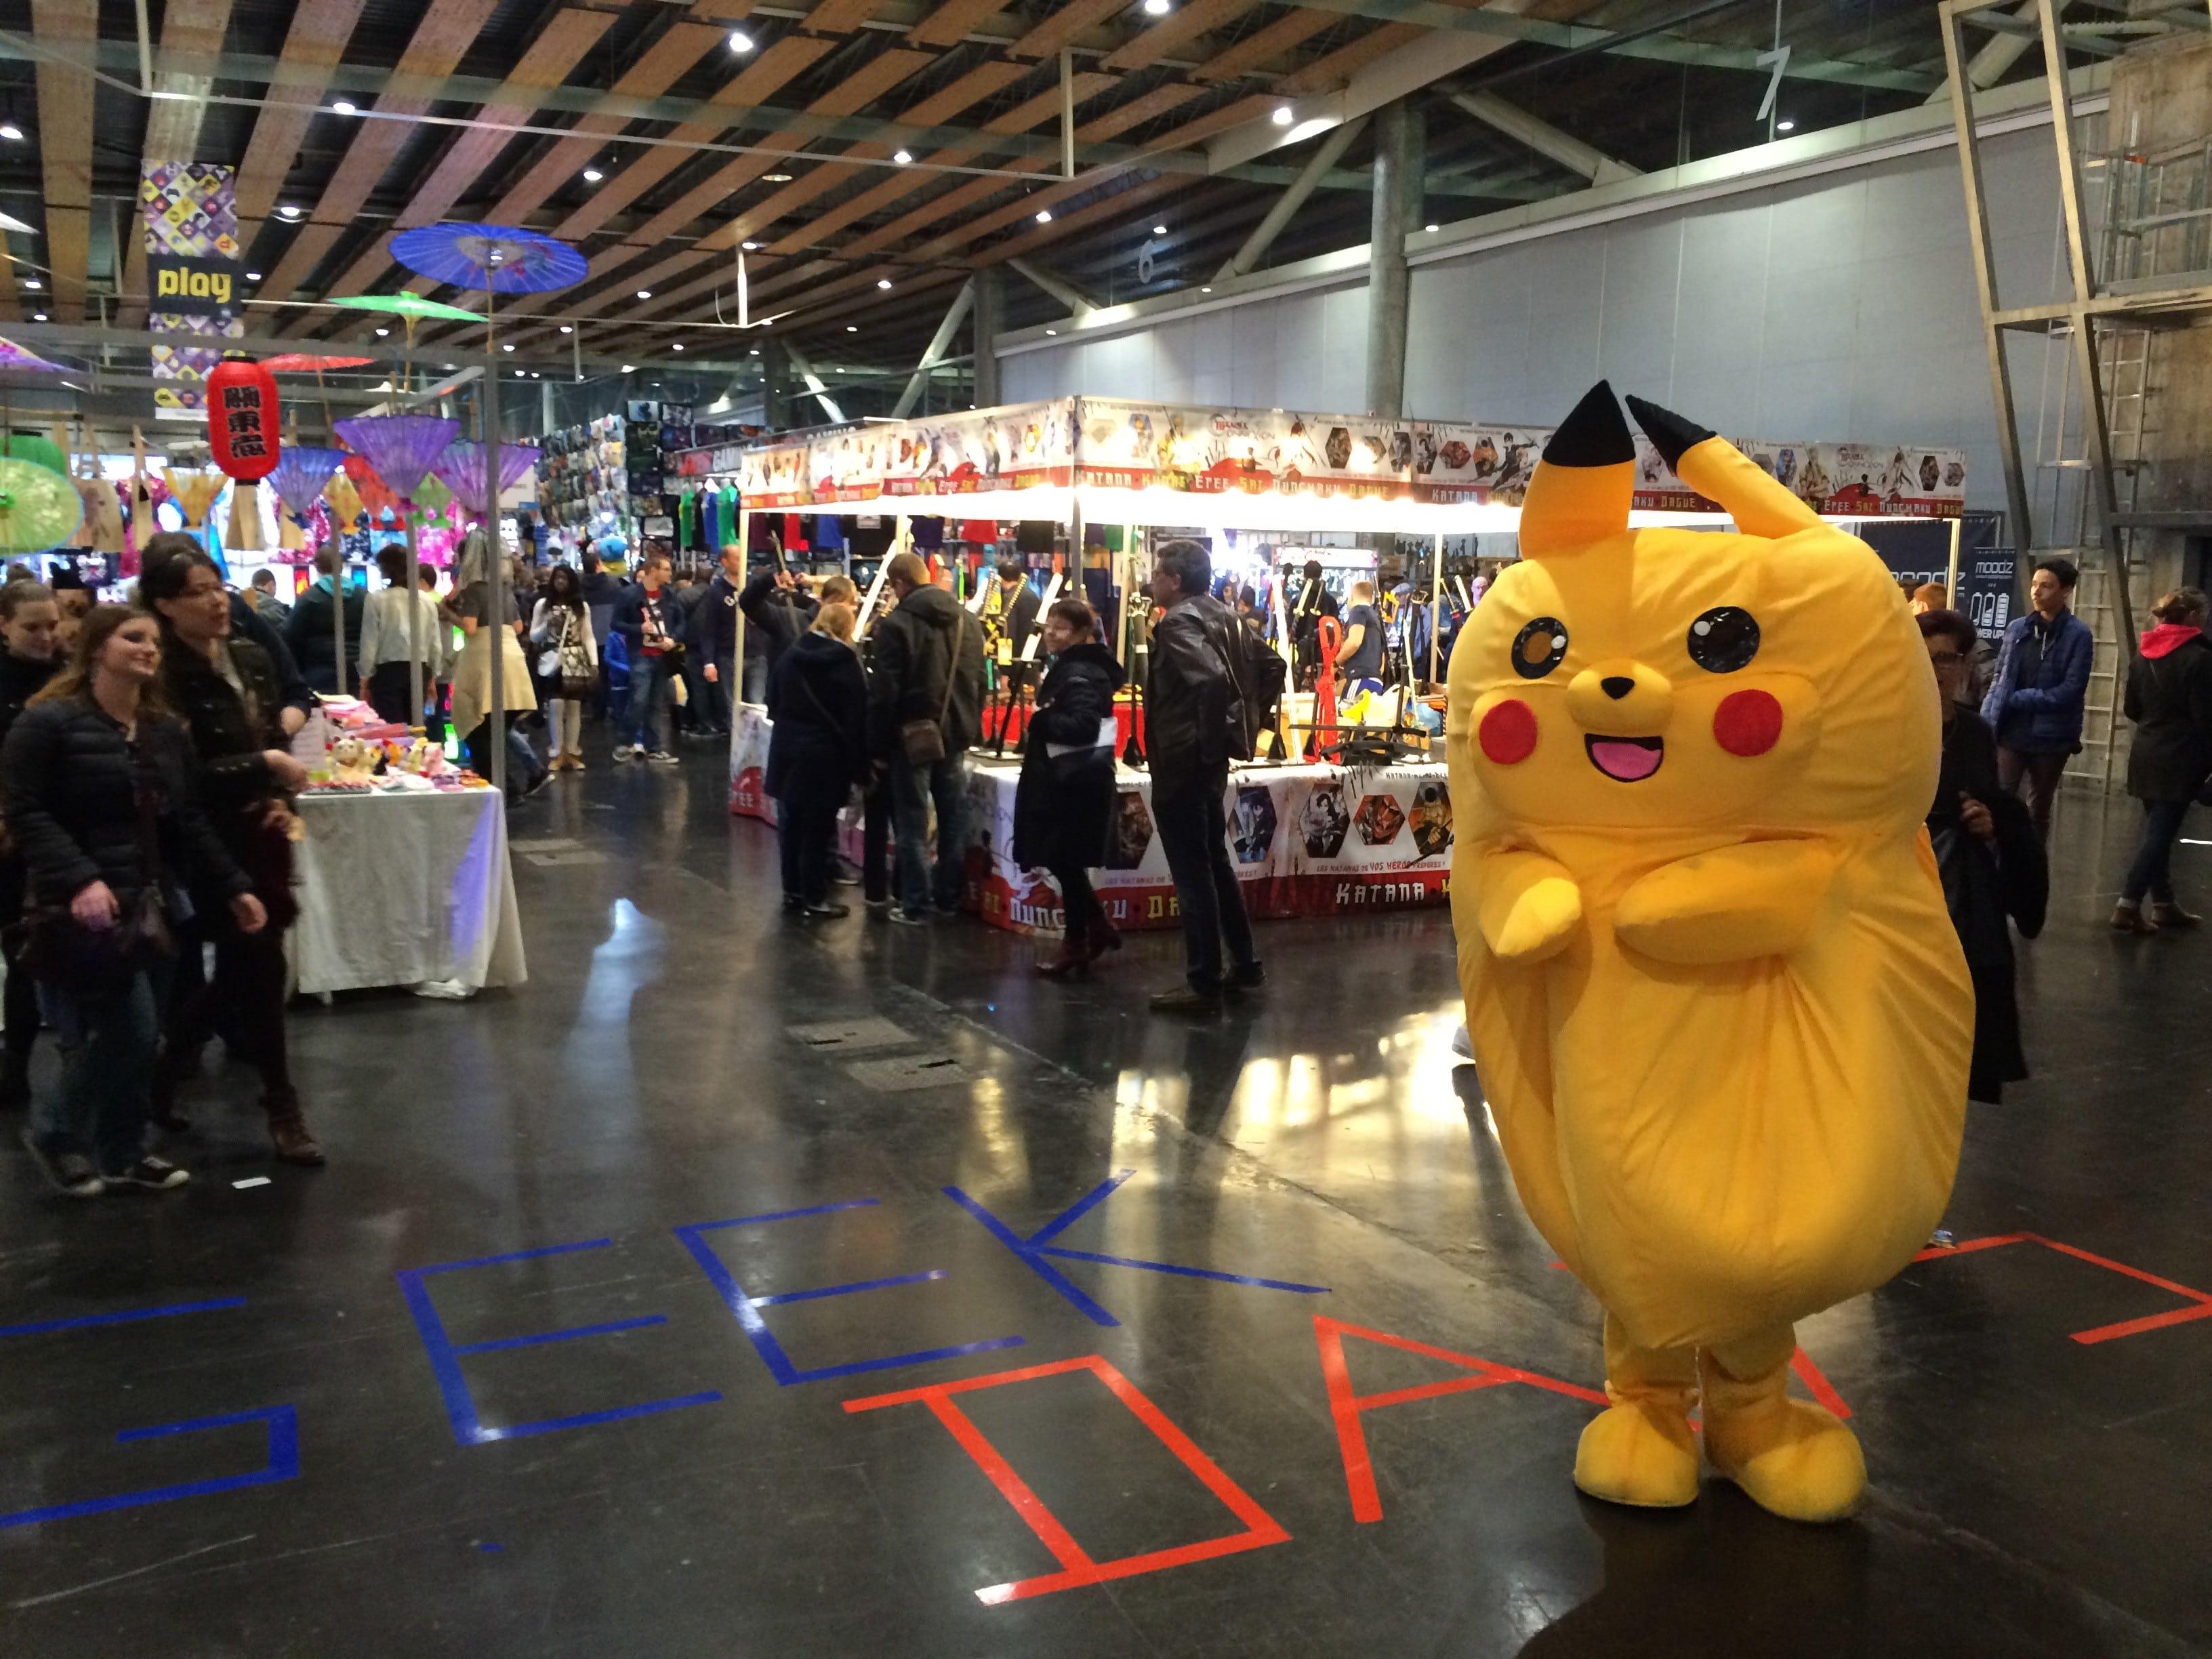 Salon de culture geek : les Geek Days à Lille